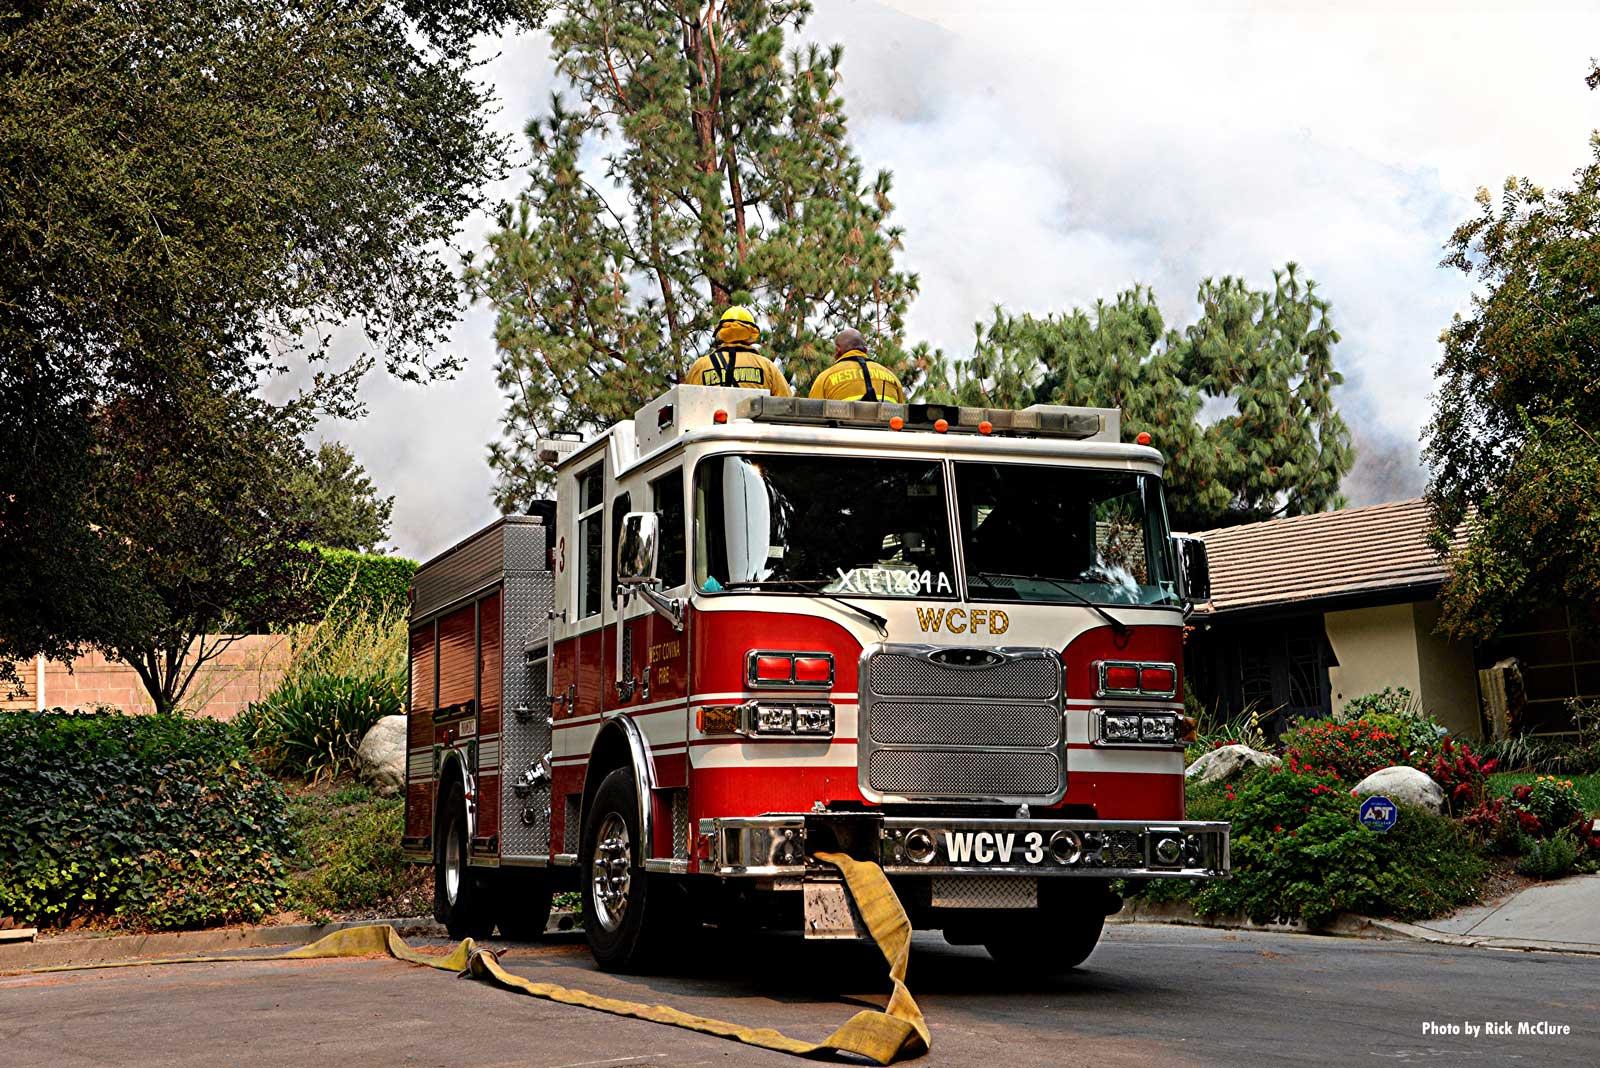 Fire apparatus near a home